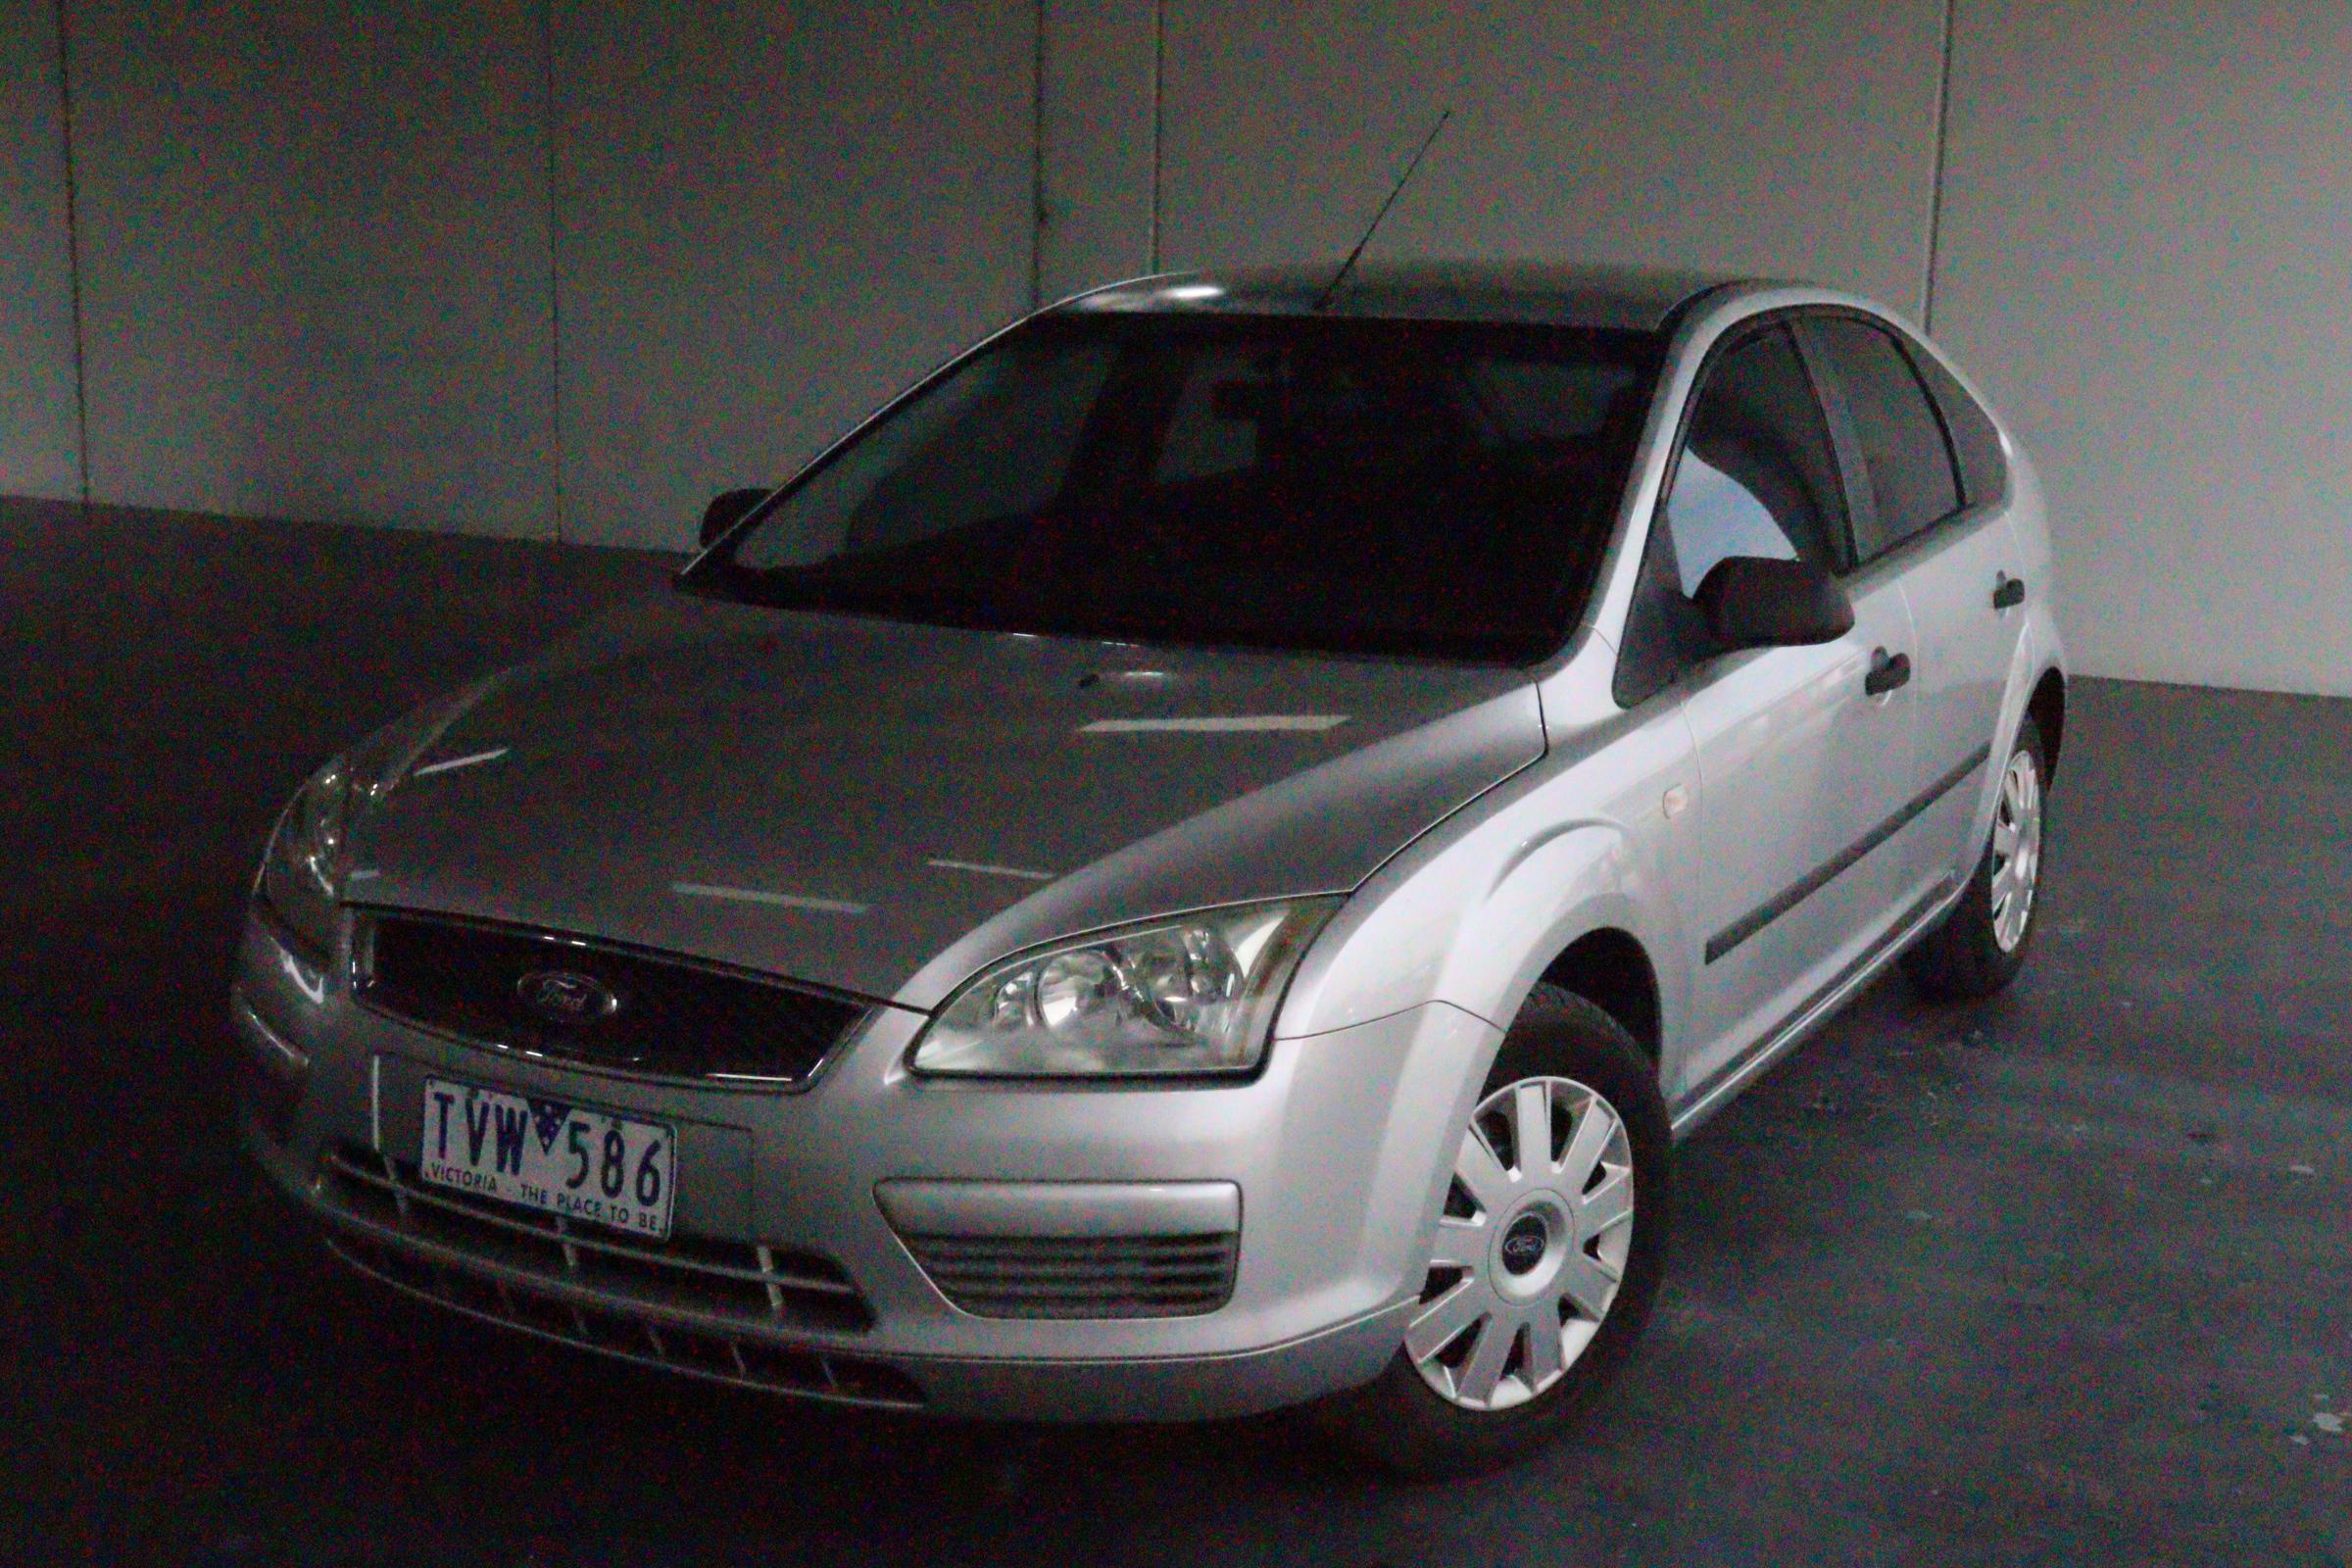 2005 Ford Focus CL LS Manual Hatchback